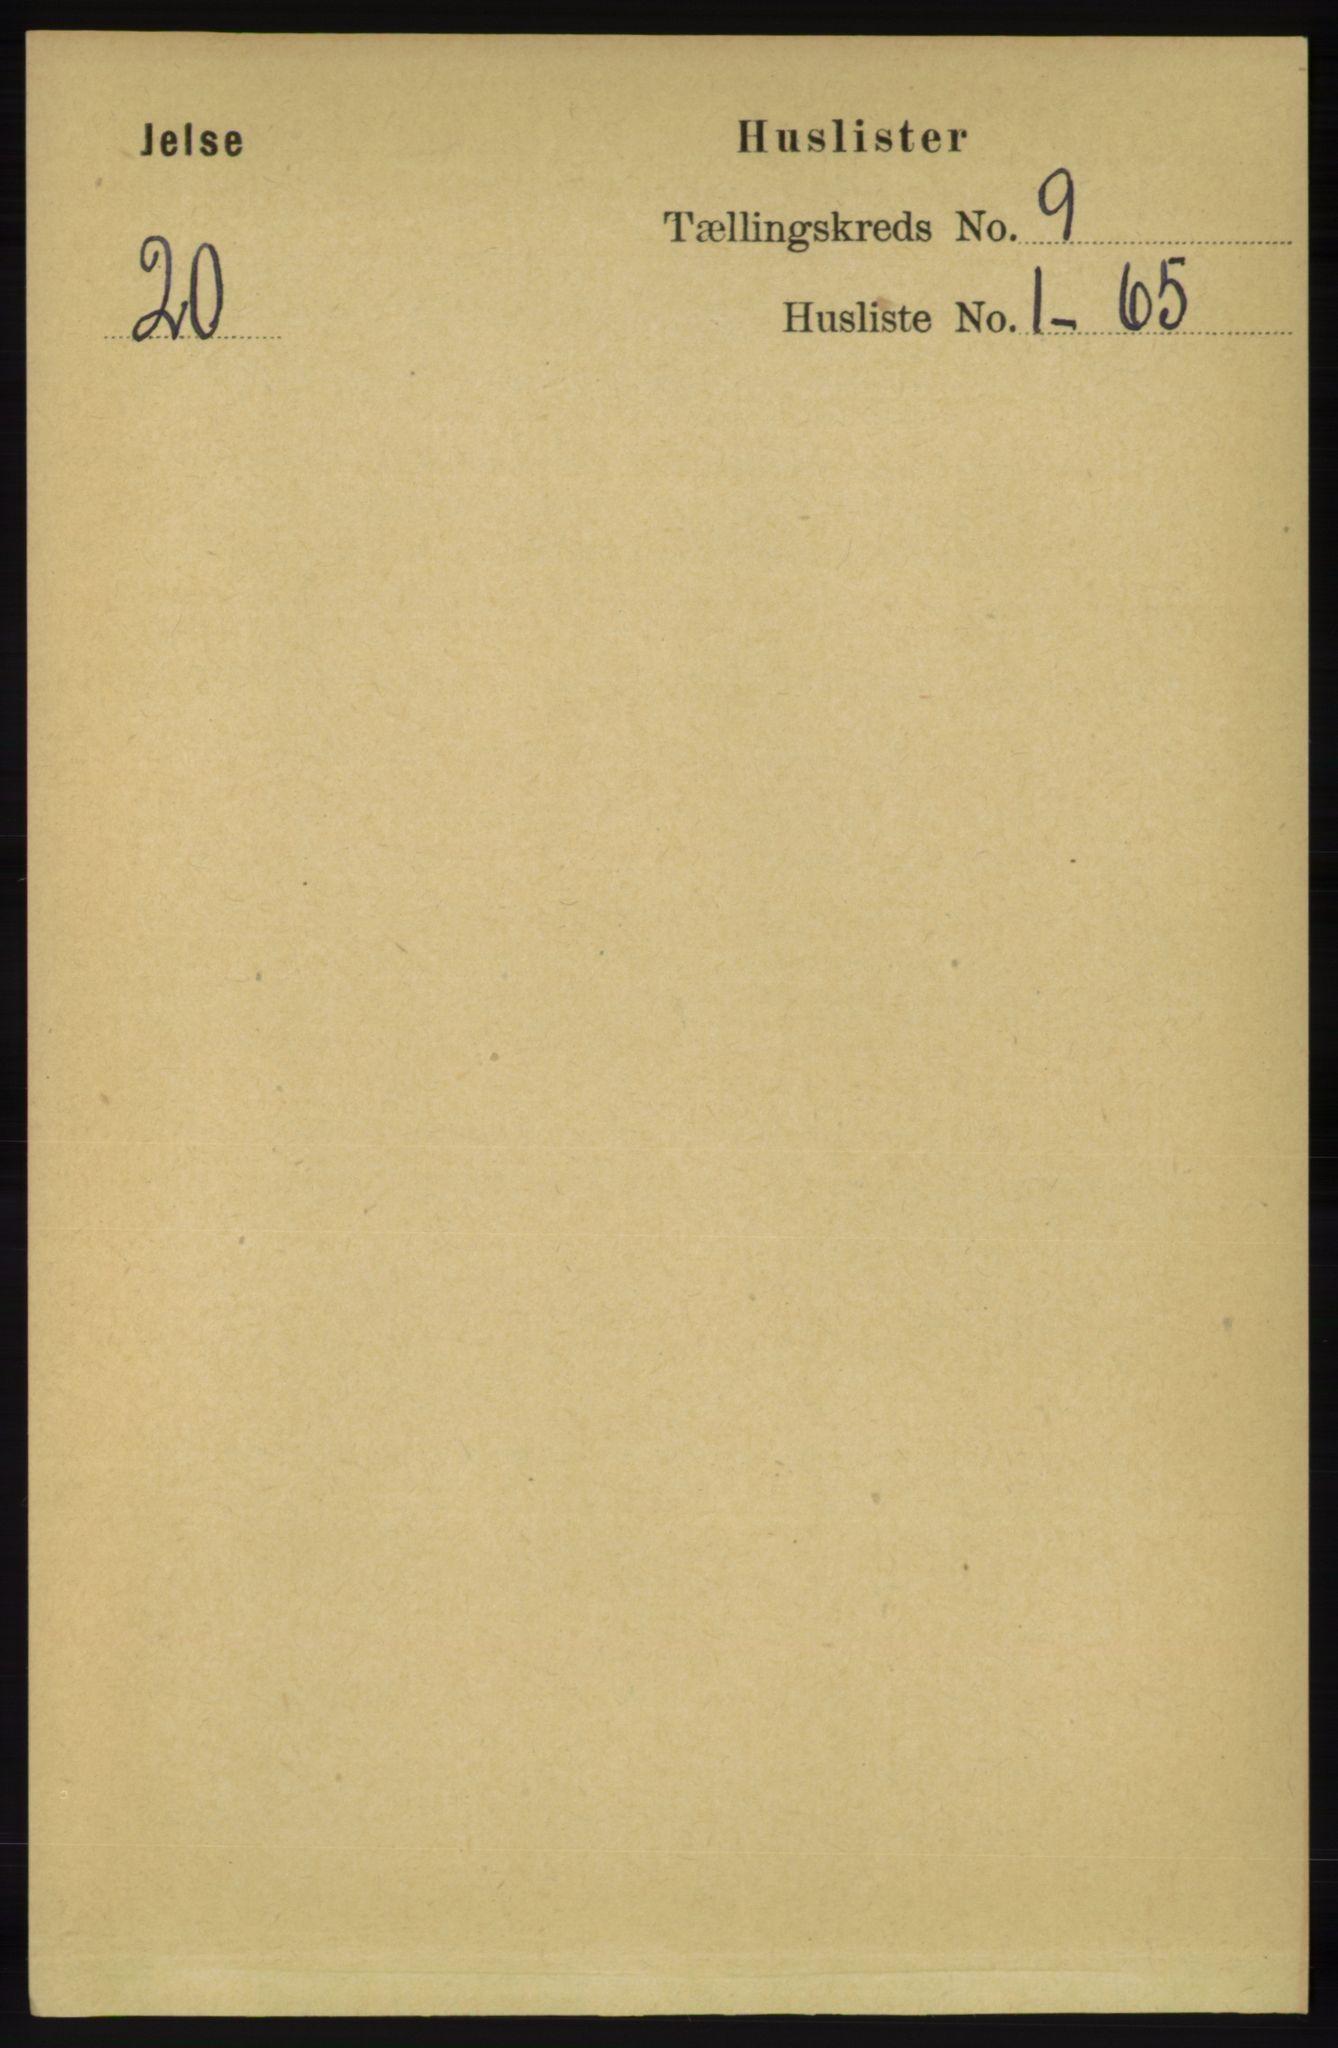 RA, Folketelling 1891 for 1138 Jelsa herred, 1891, s. 2002